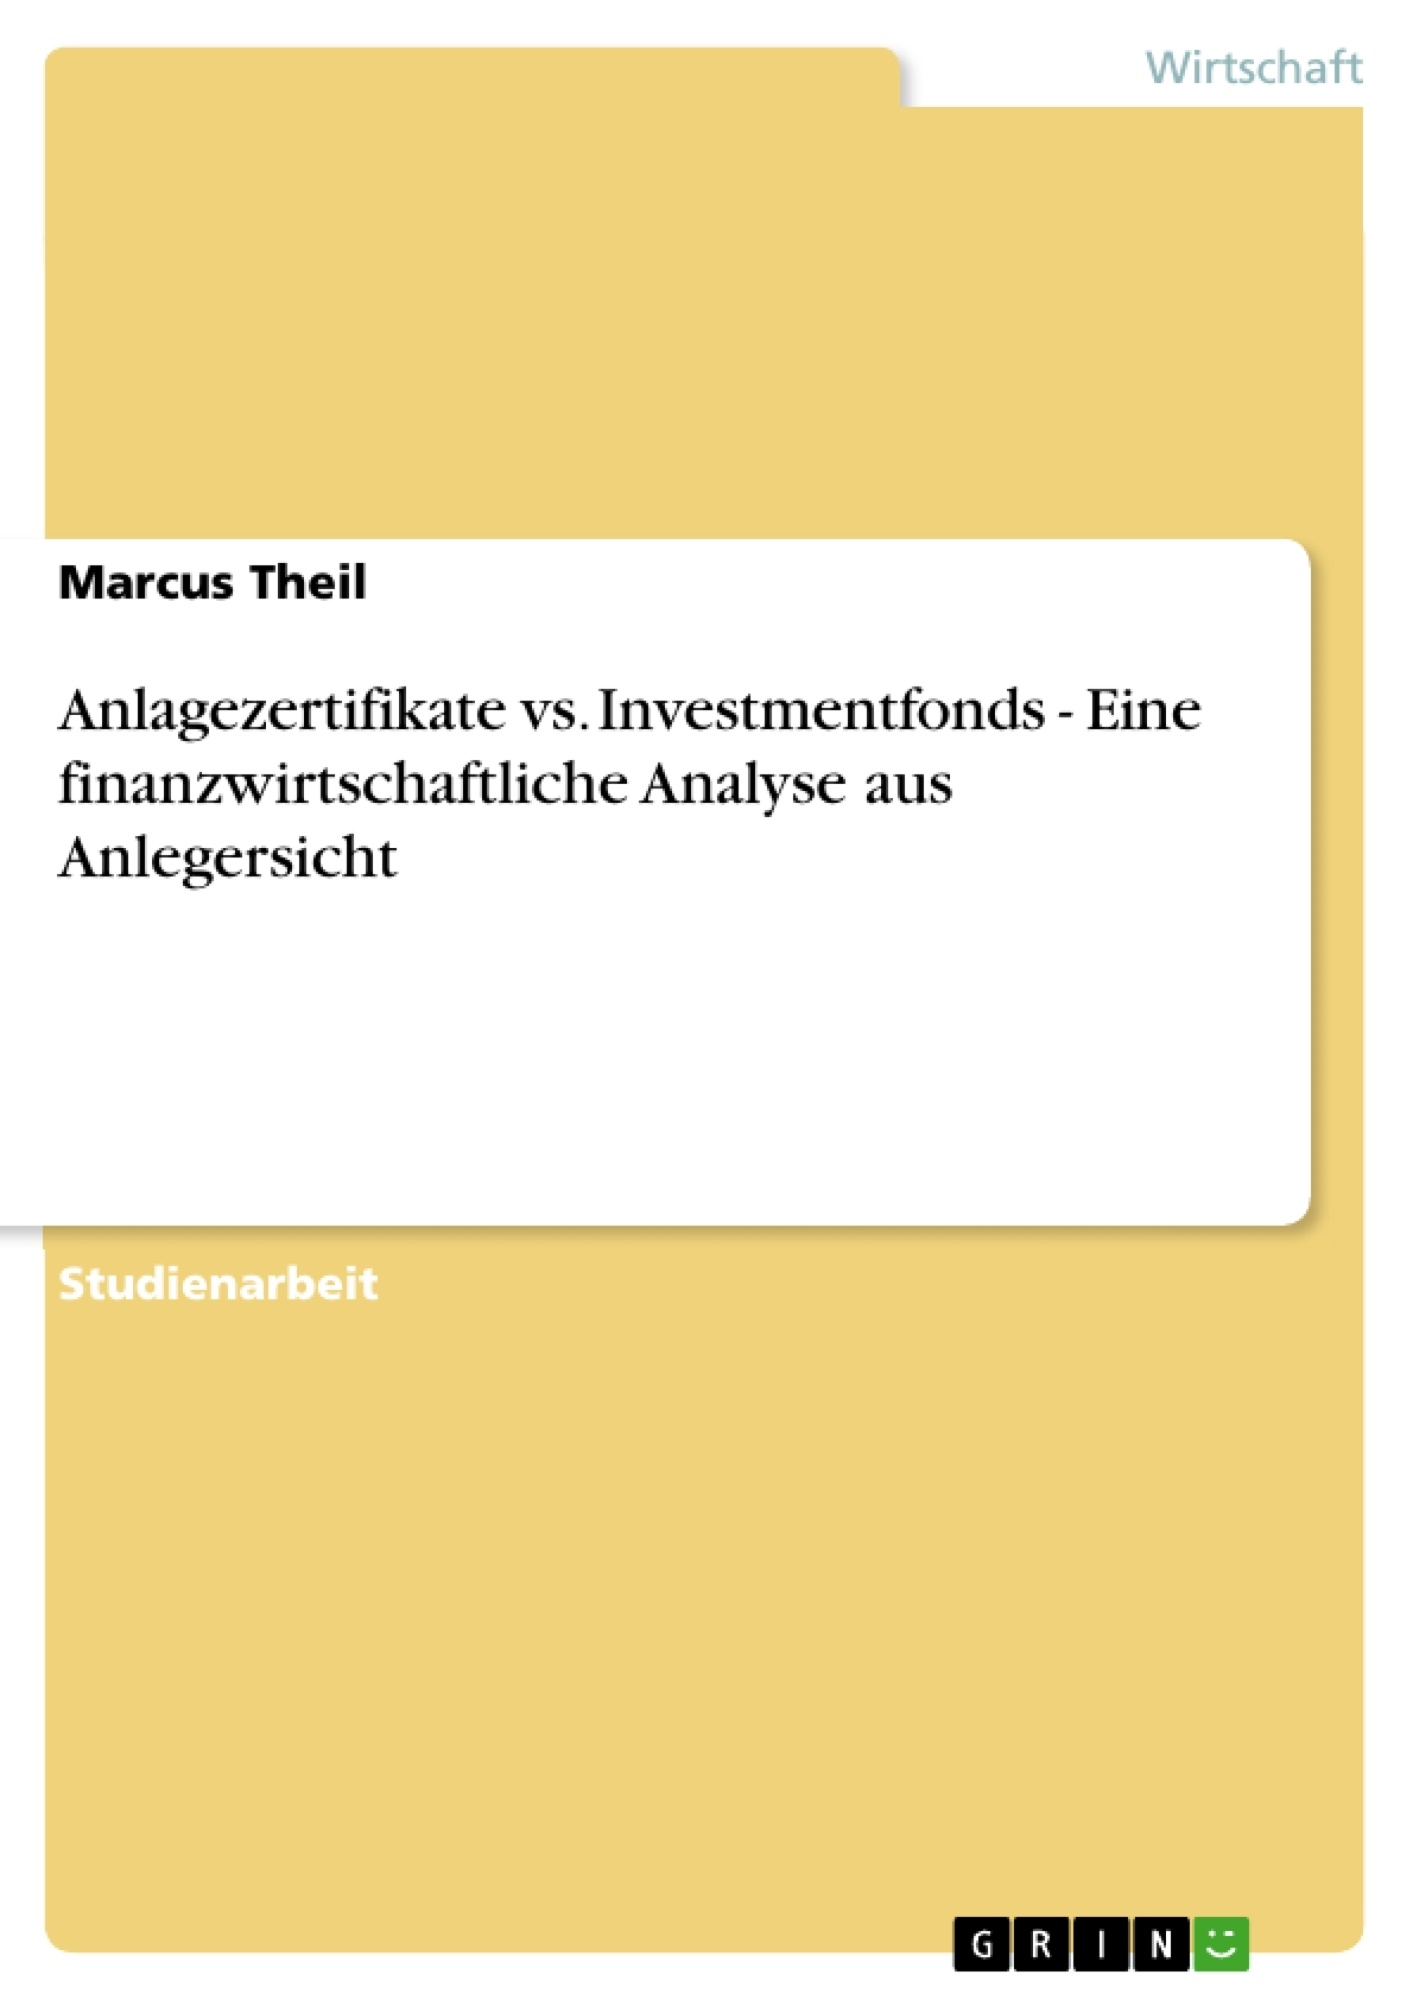 Titel: Anlagezertifikate vs. Investmentfonds - Eine finanzwirtschaftliche Analyse aus Anlegersicht